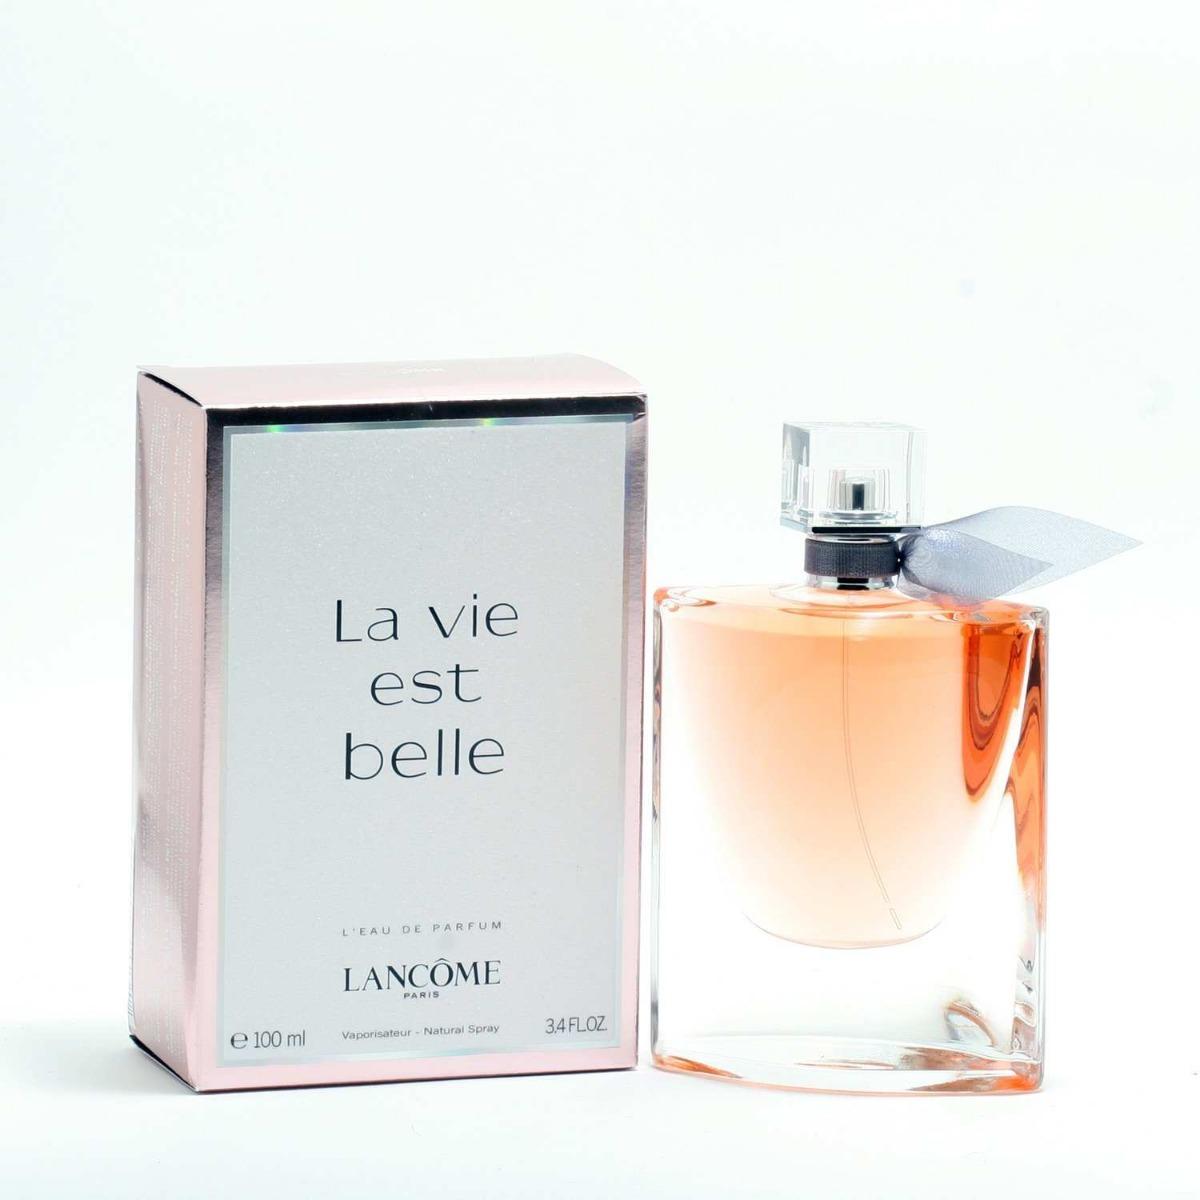 Nuevo Lancome Gratis~ Perfume Est Vie La Bellaenvio v8nNw0m